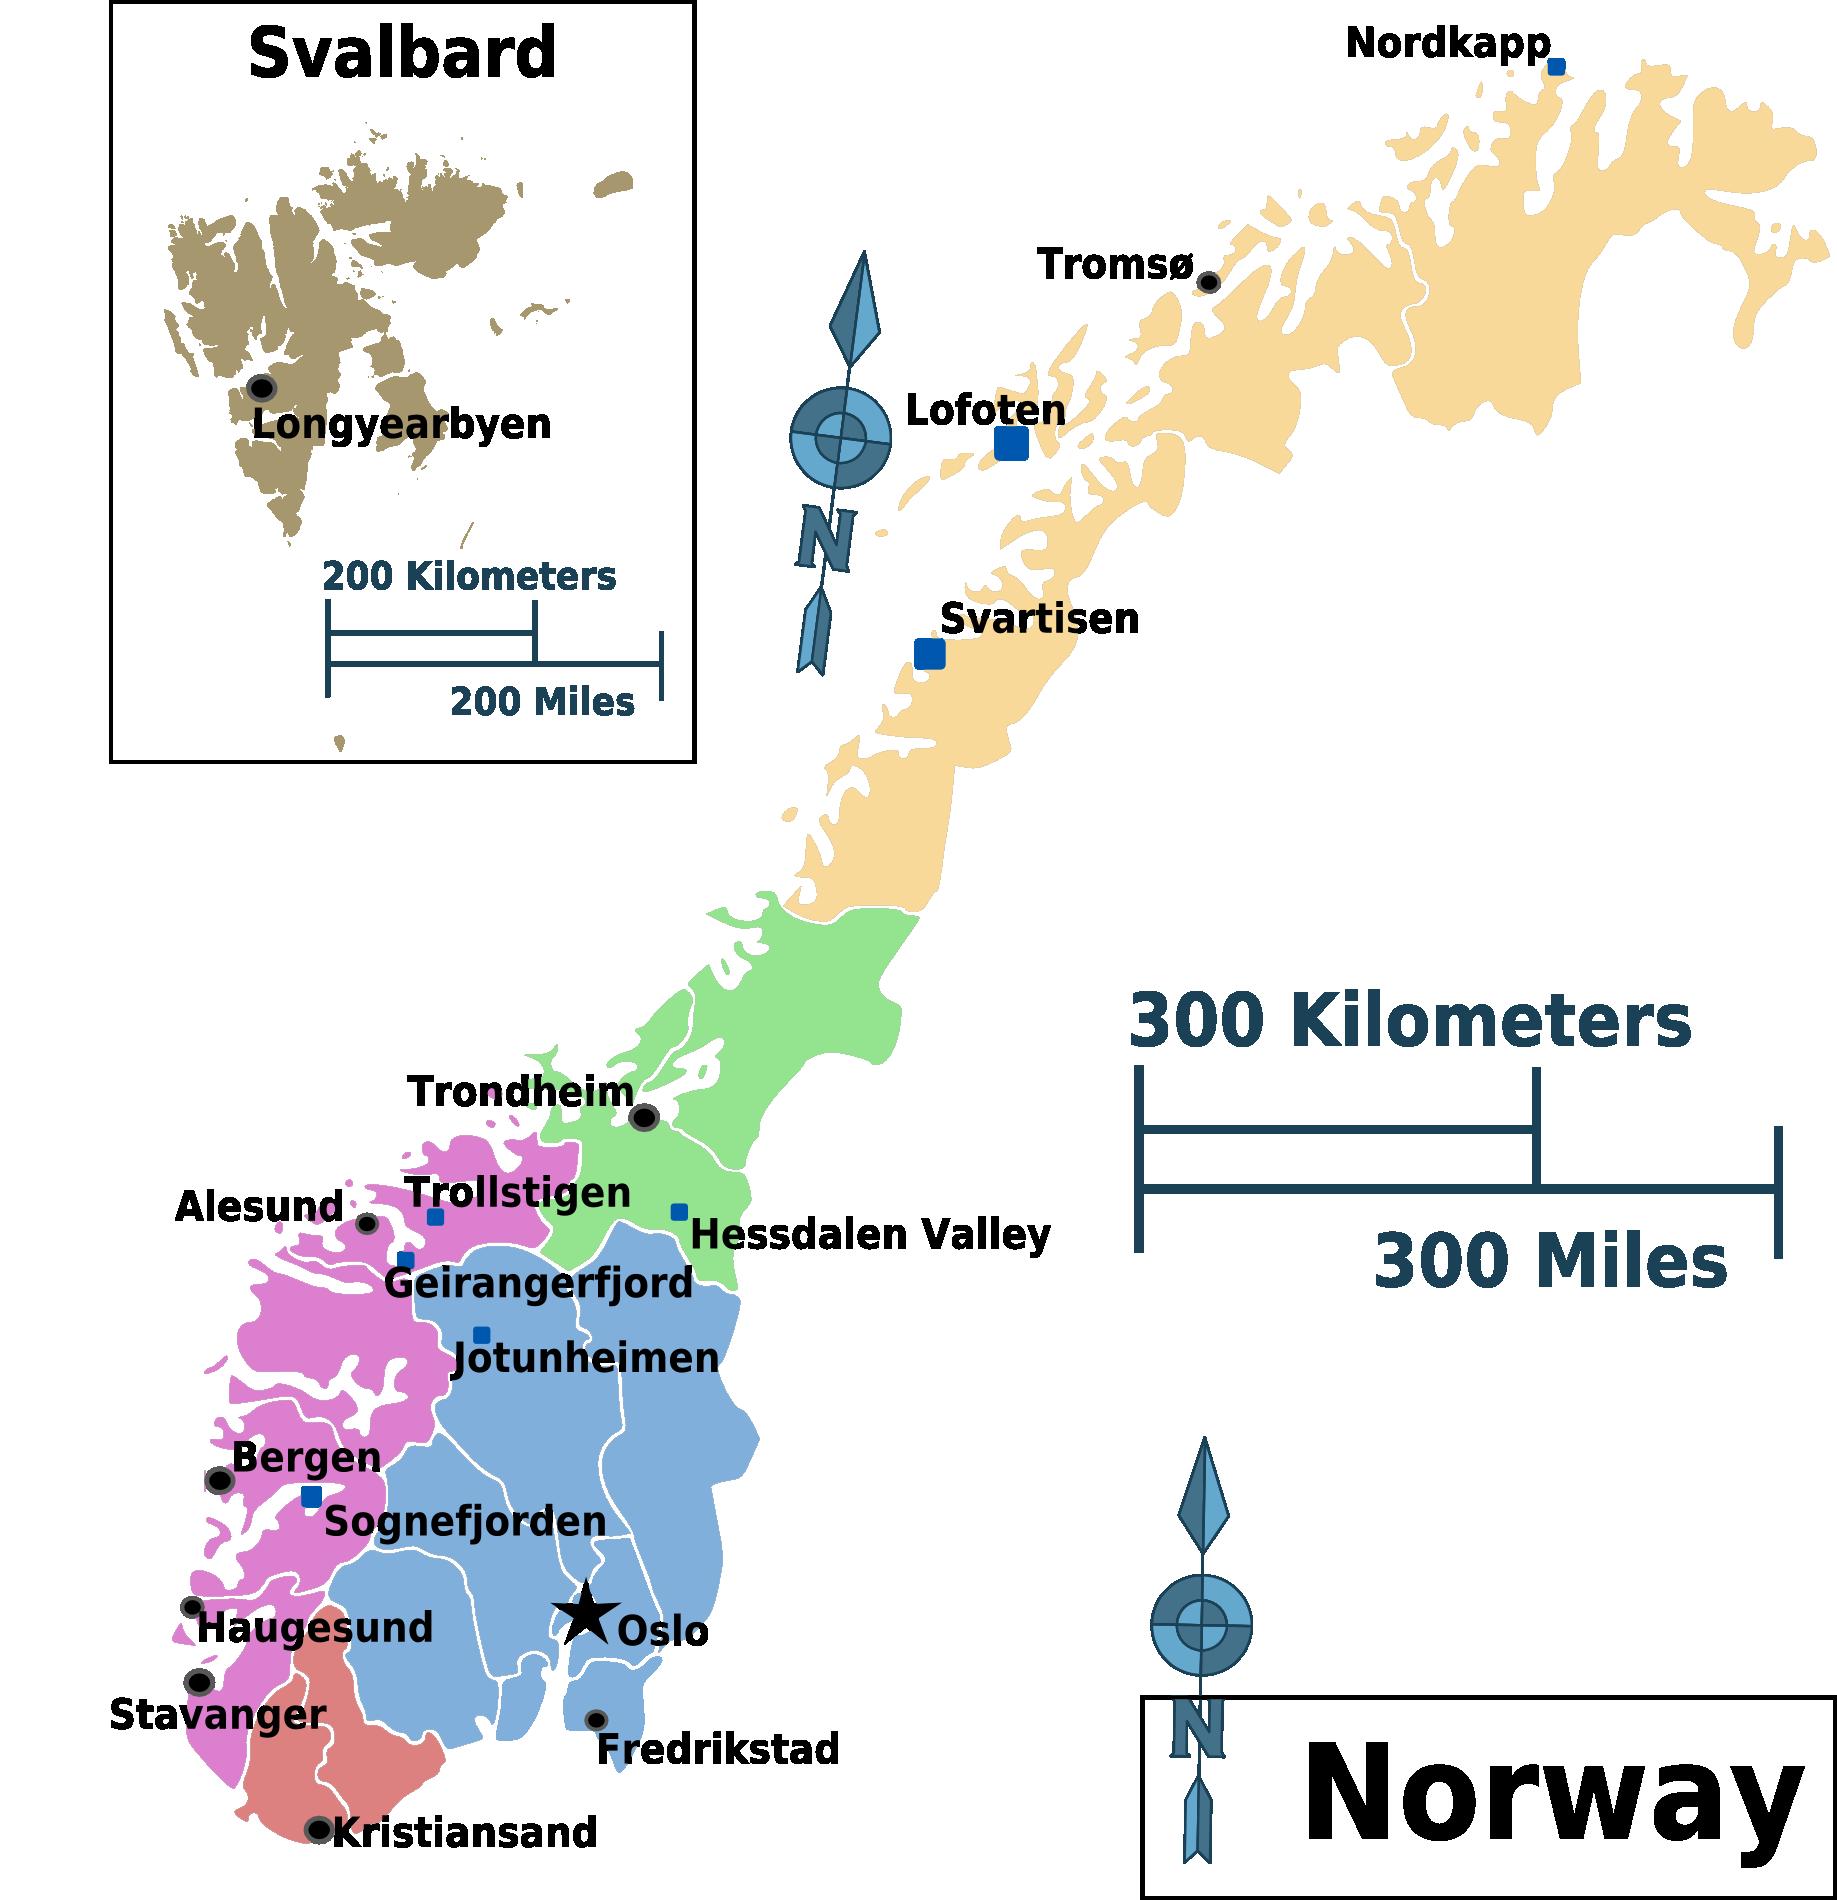 norwegen karte regionen Landkarte Norwegen (Karte Regionen) : Weltkarte.  Karten und  norwegen karte regionen